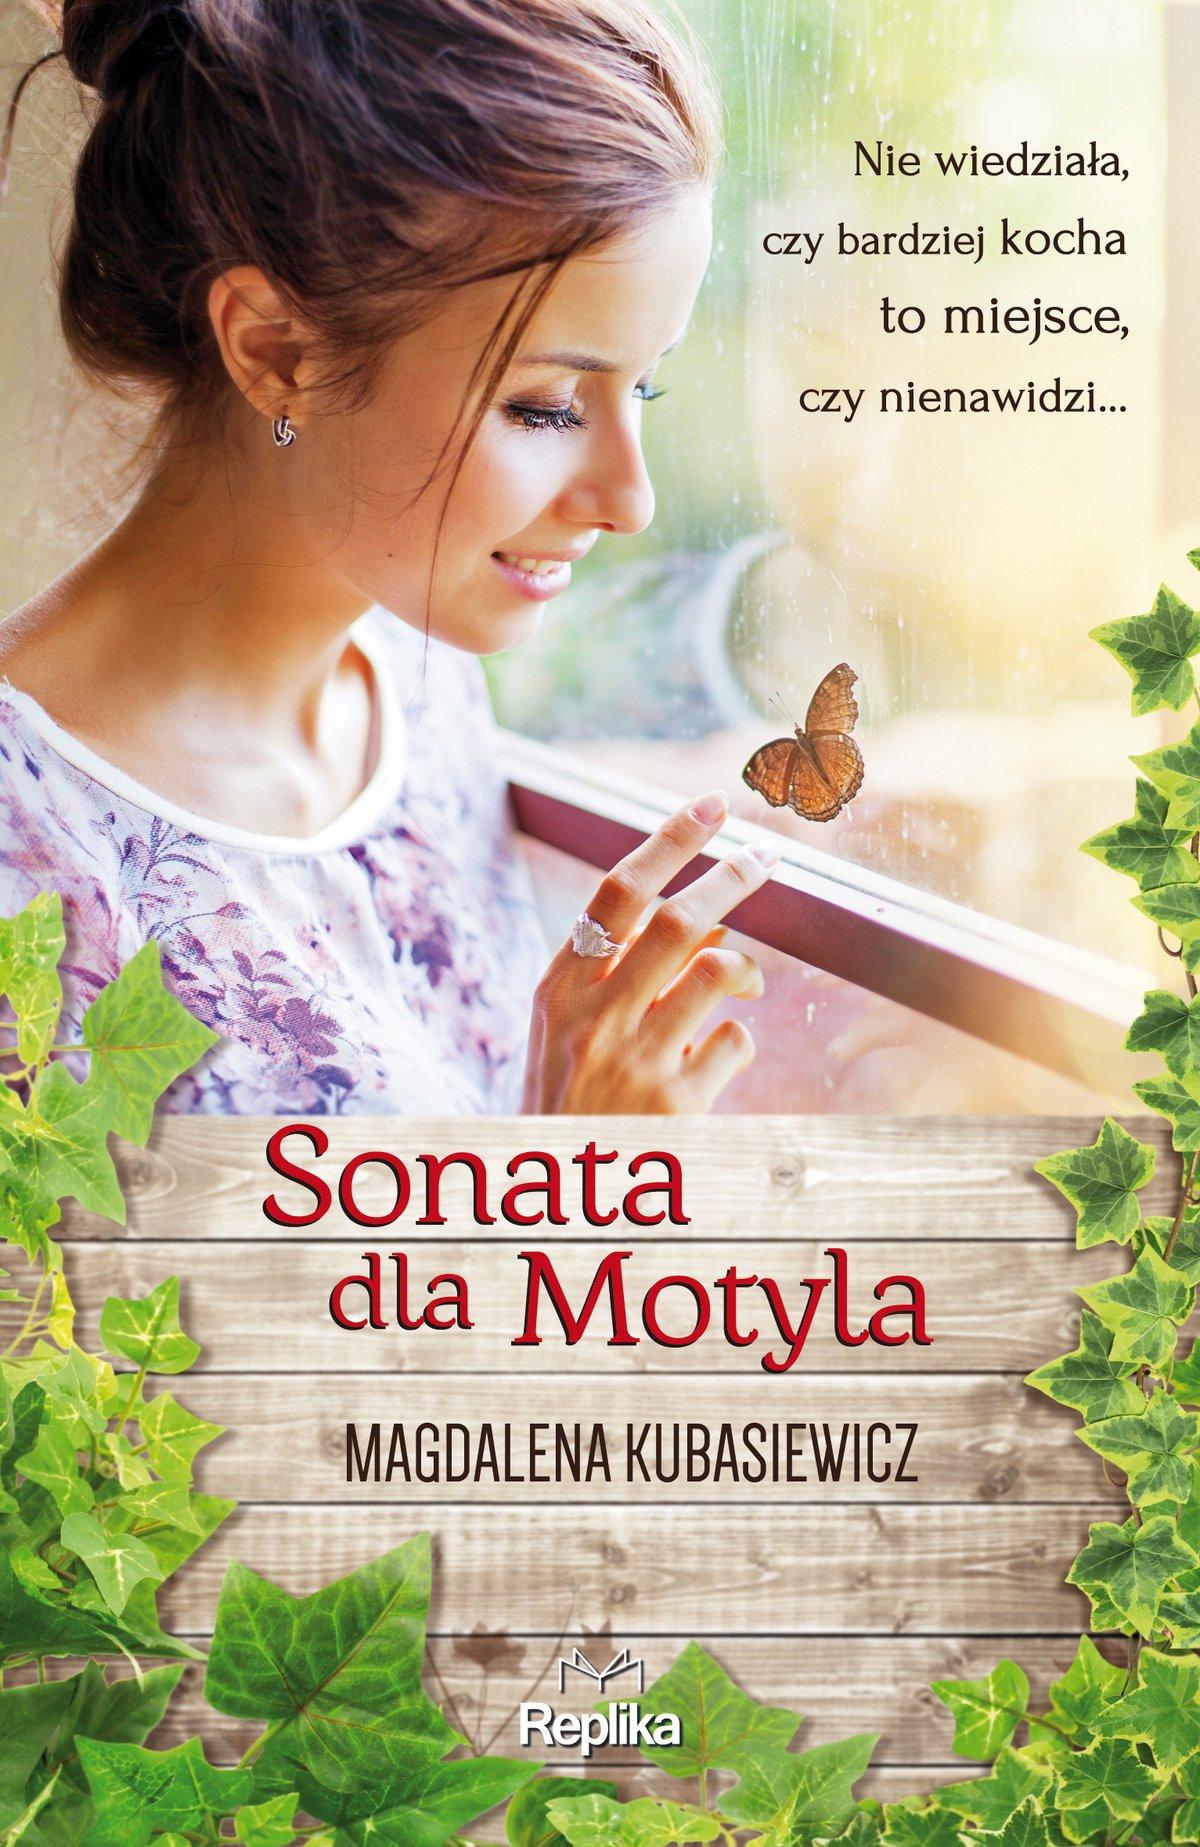 Sonata dla Motyla - Ebook (Książka EPUB) do pobrania w formacie EPUB